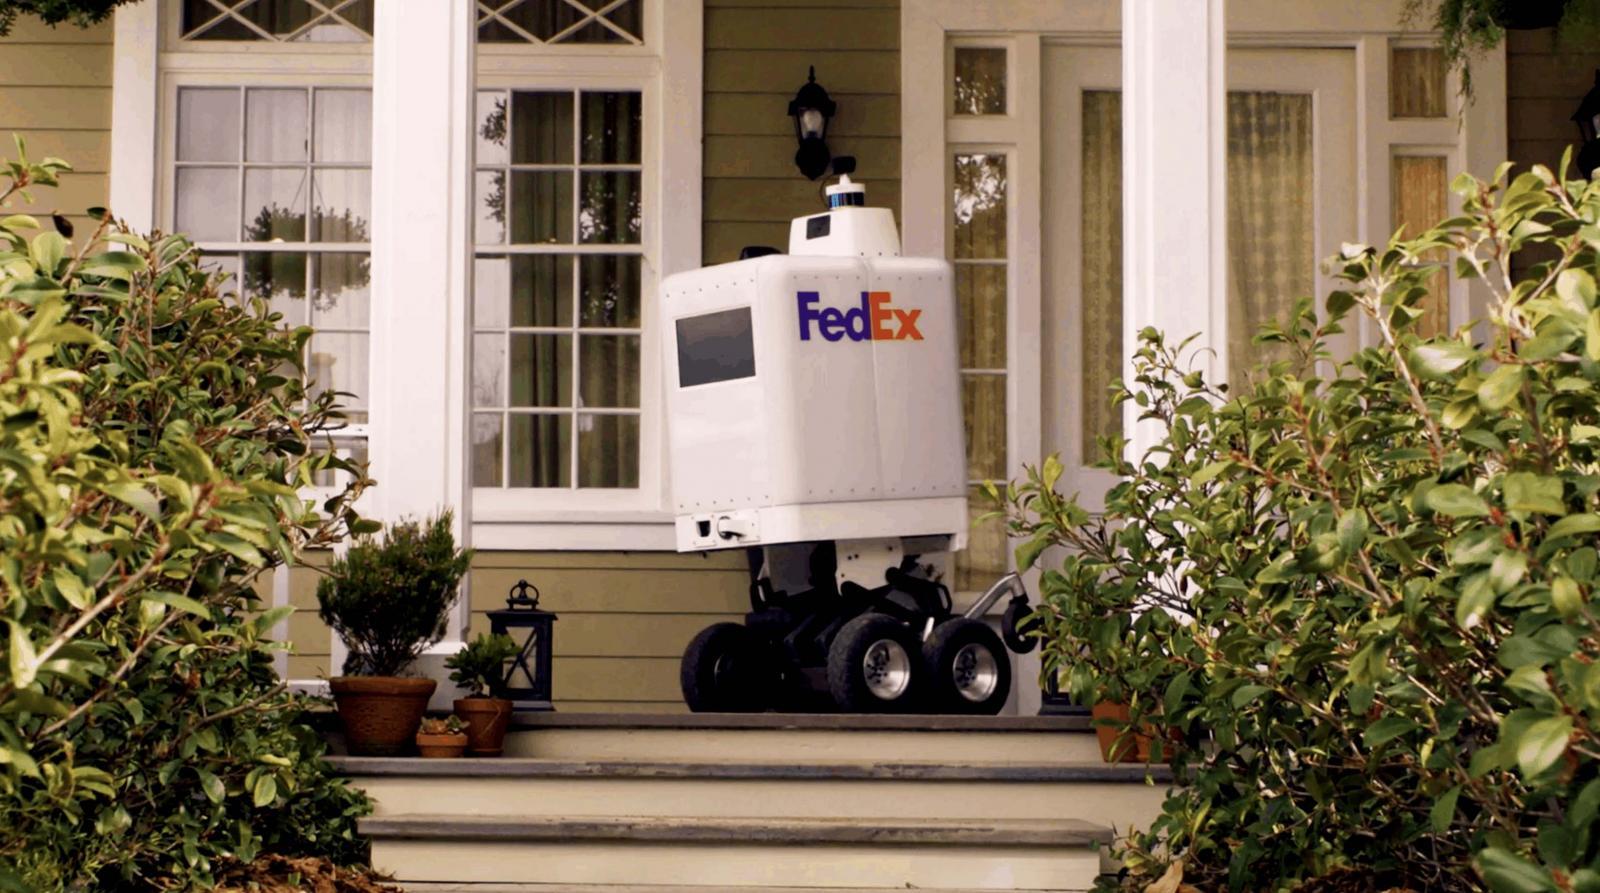 La empresa de mensajería FedEx presentó al SameDay Bot